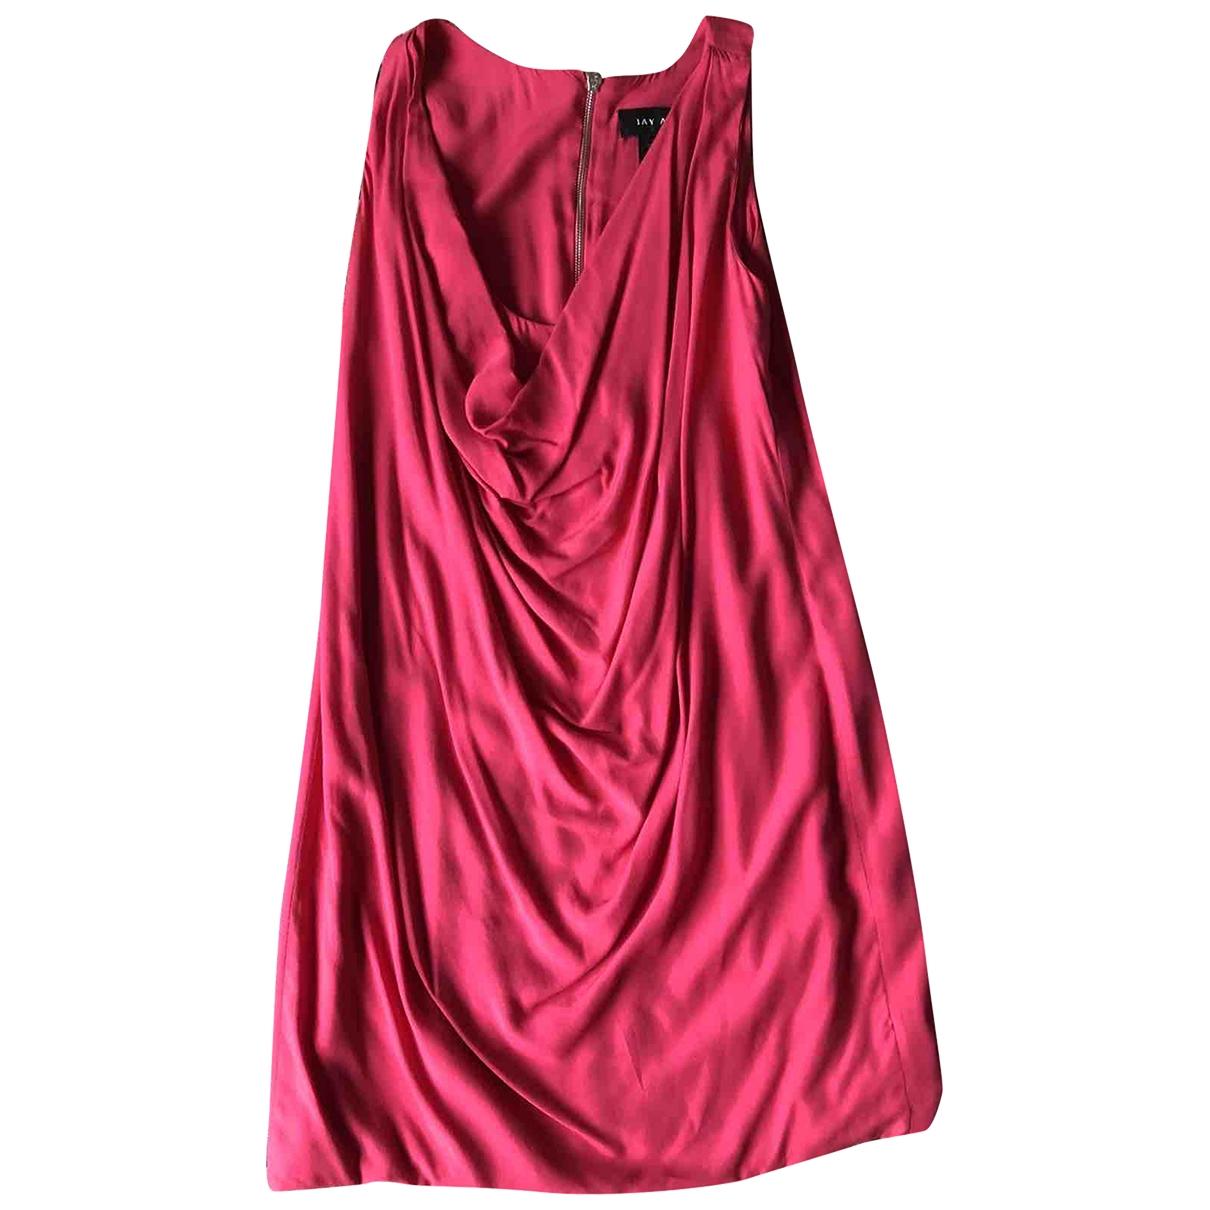 Jay Ahr \N Red dress for Women S International